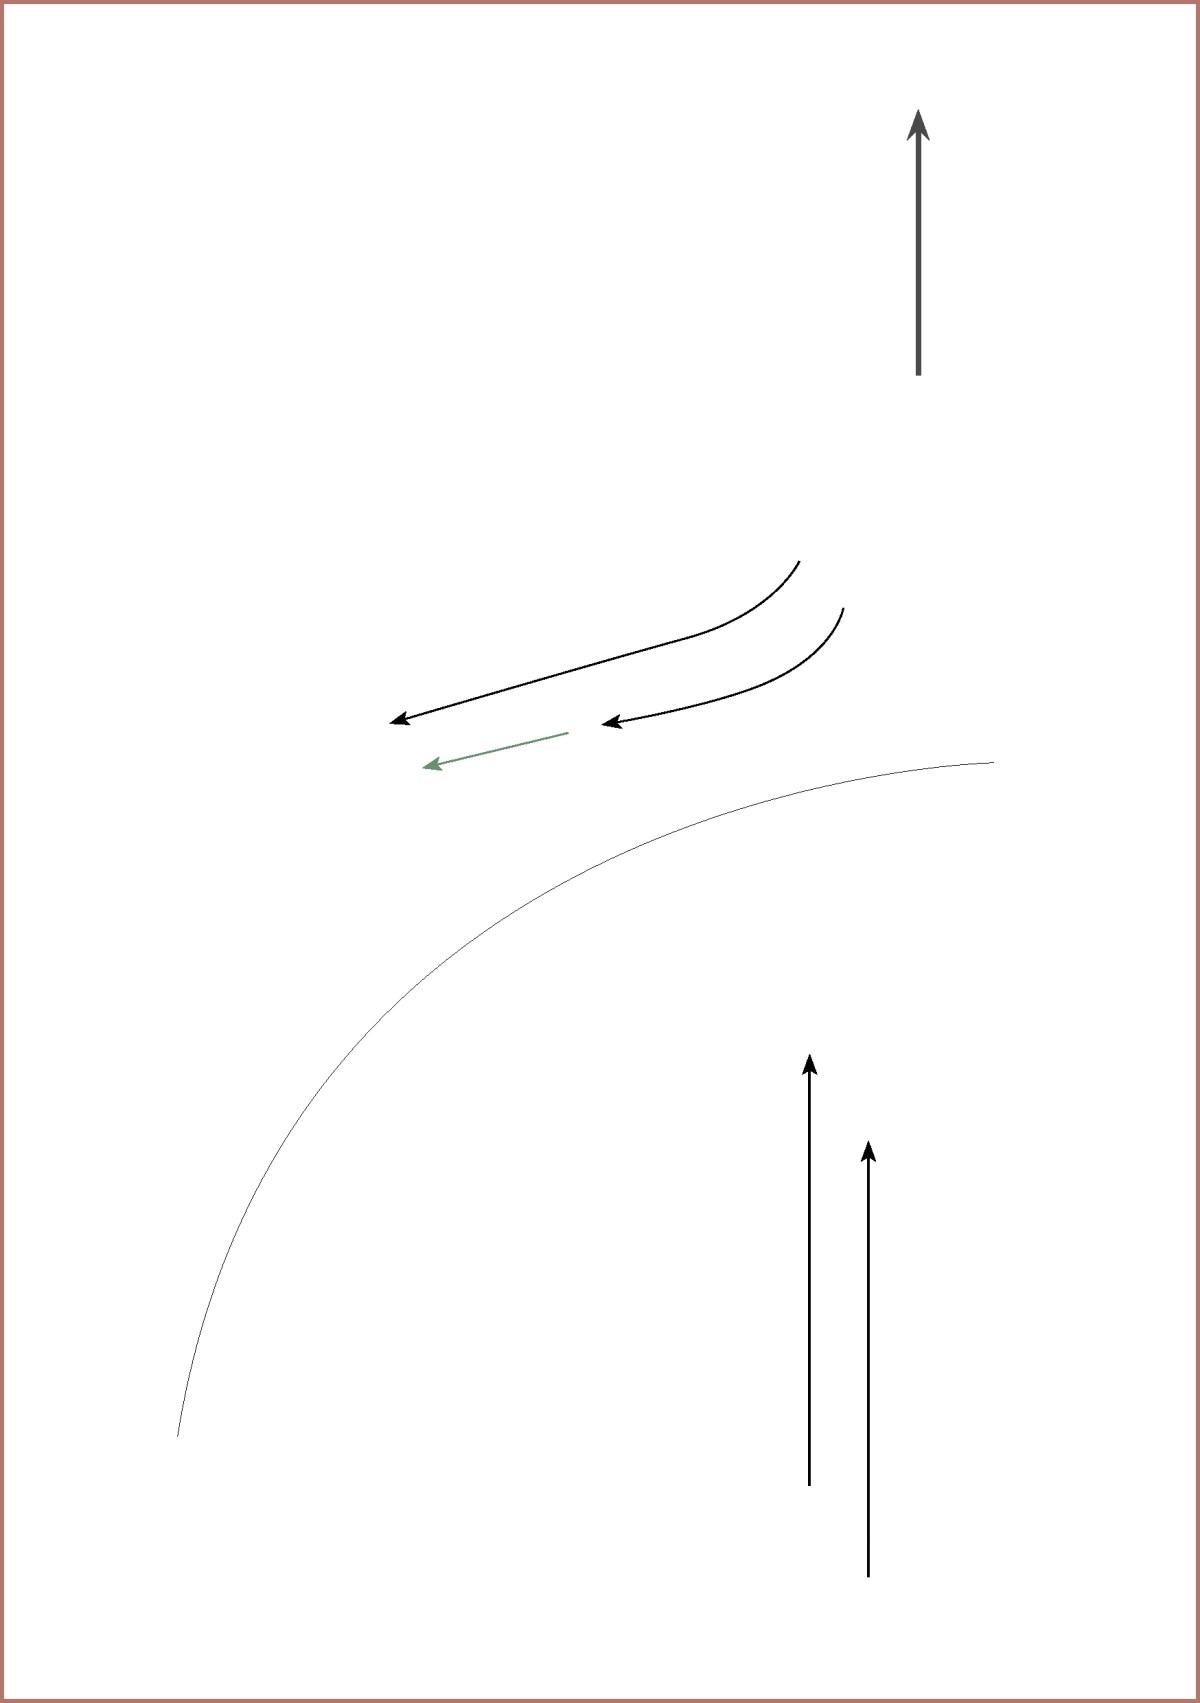 dibujo digital, las cosas infinitas #15 de Fernanda Barreto